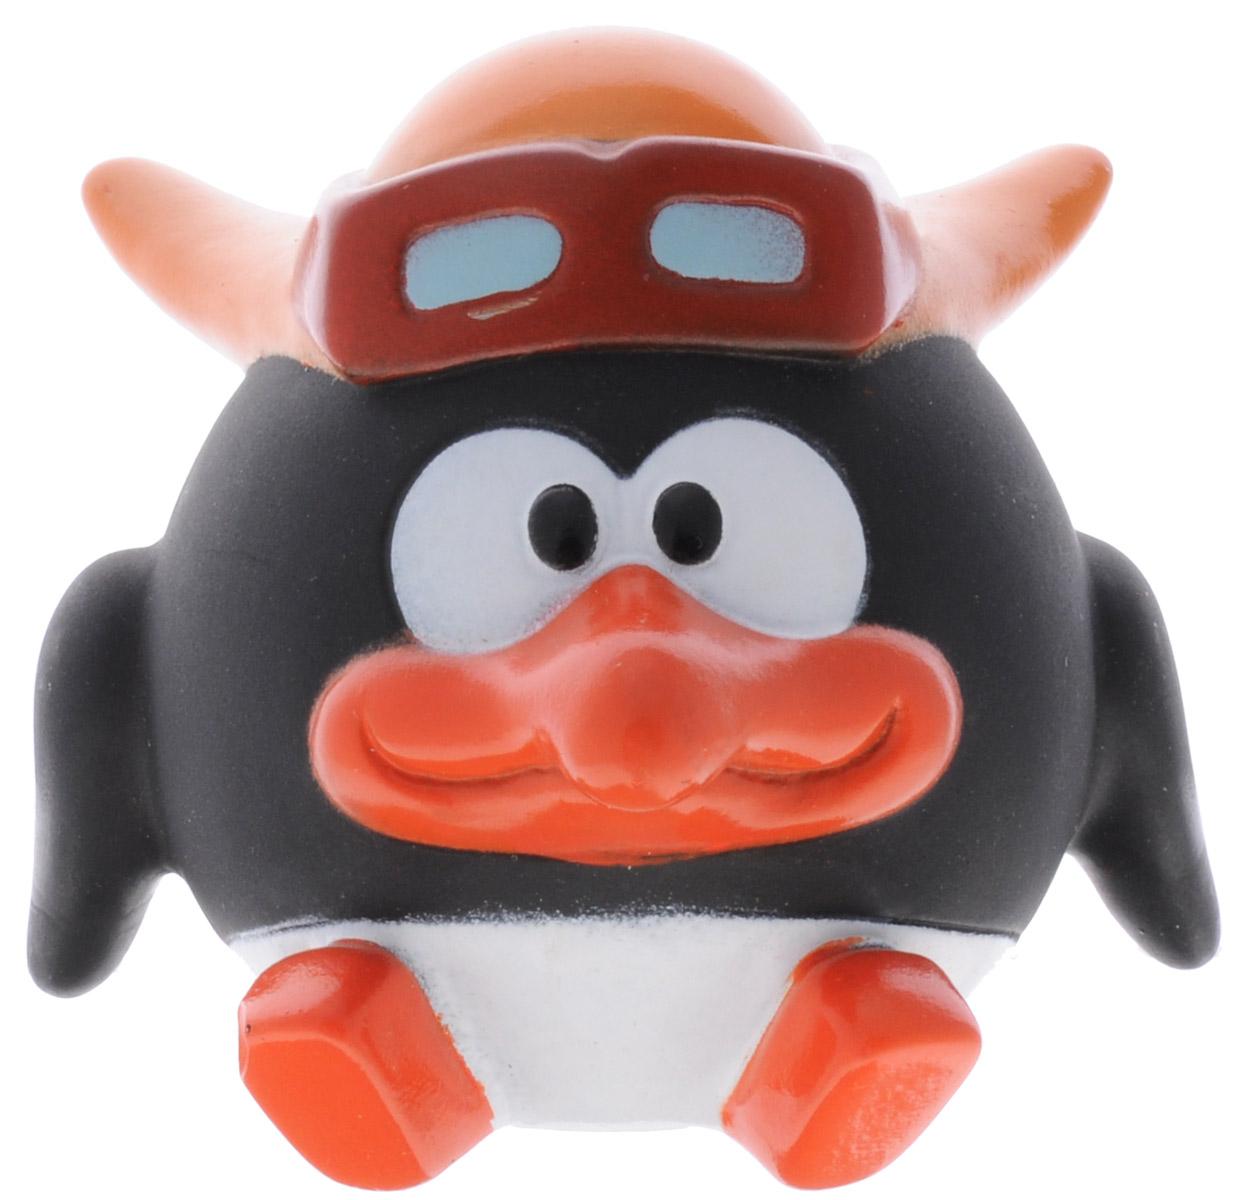 Смешарики Игрушка для ванны ПинGT7891_ПинИгрушка для ванны Смешарики Пин превратит купание вашего малыша в интересную и веселую игру. Герой любимого мультфильма выполнен из высококачественного безопасного материала. С такой игрушкой вы вместе с вашим ребенком сможете придумать бессчетное количество веселых игр и историй. Игрушка умеет произносить несколько фраз из мультфильма голосом Пина! Игрушка способствует развитию внимательности, мелкой моторики рук, воображения, зрительного восприятия. Работает игрушка от незаменяемой батарейки.